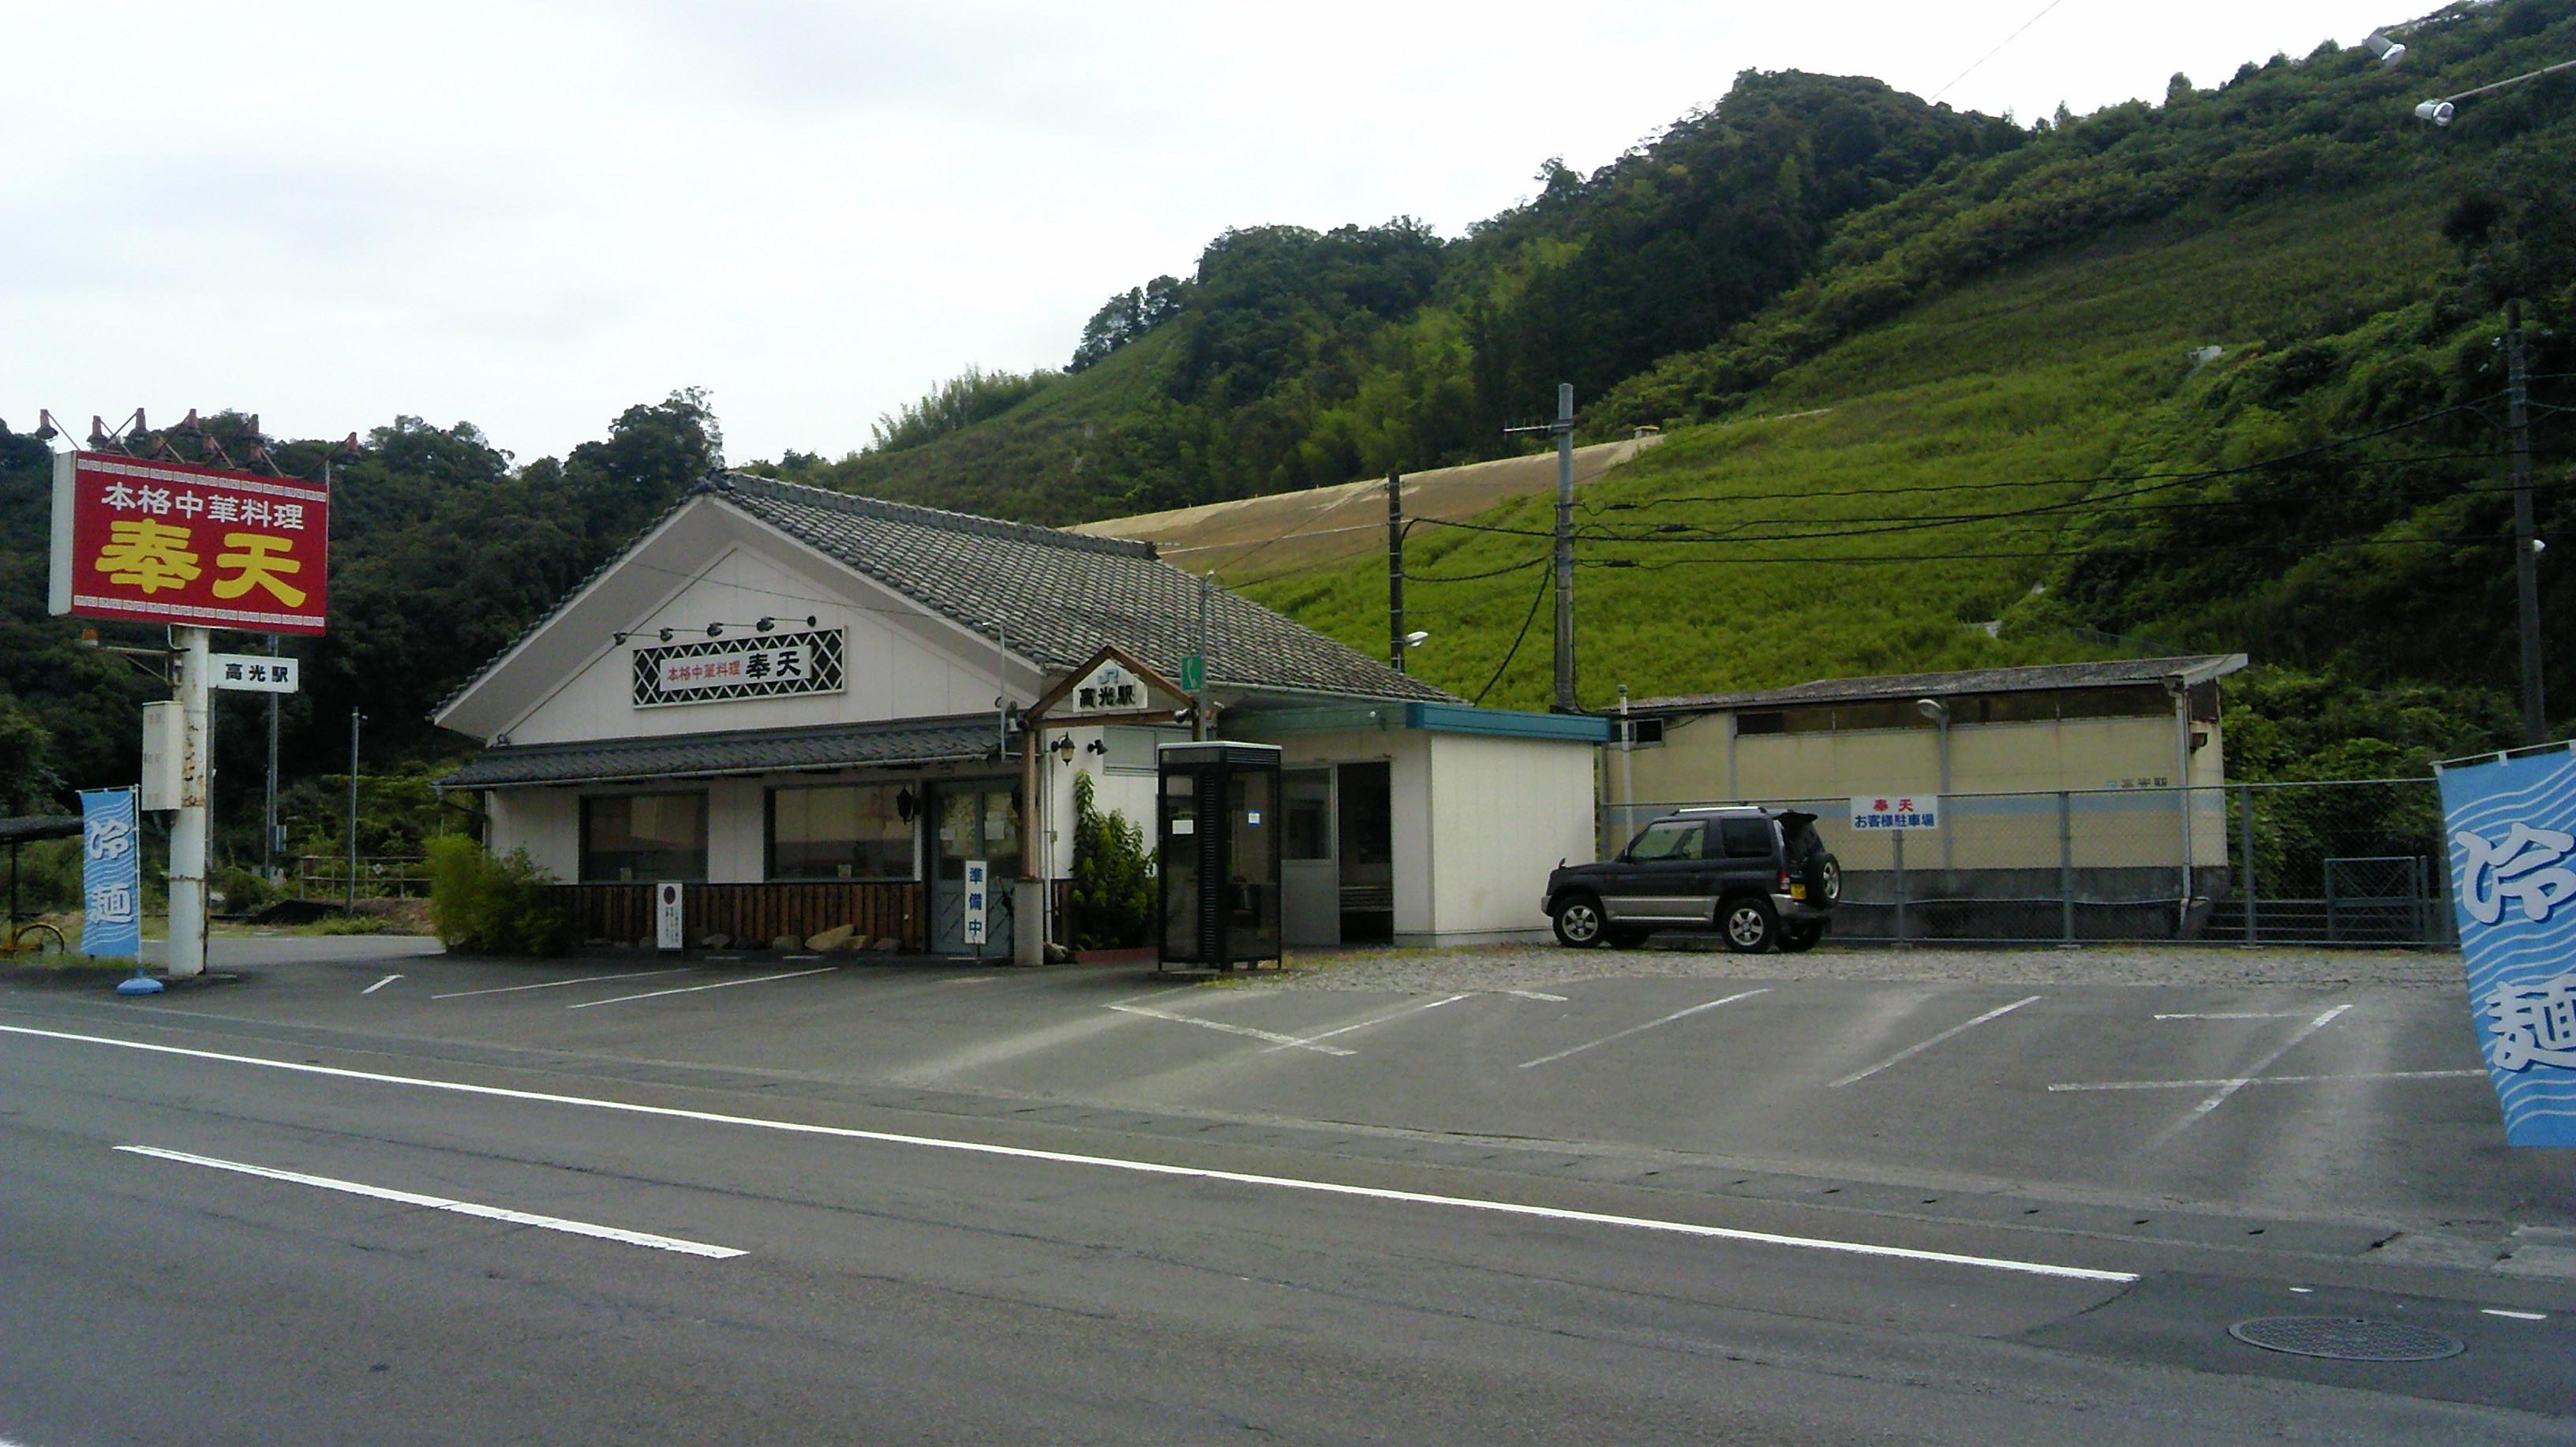 다카미쓰 역